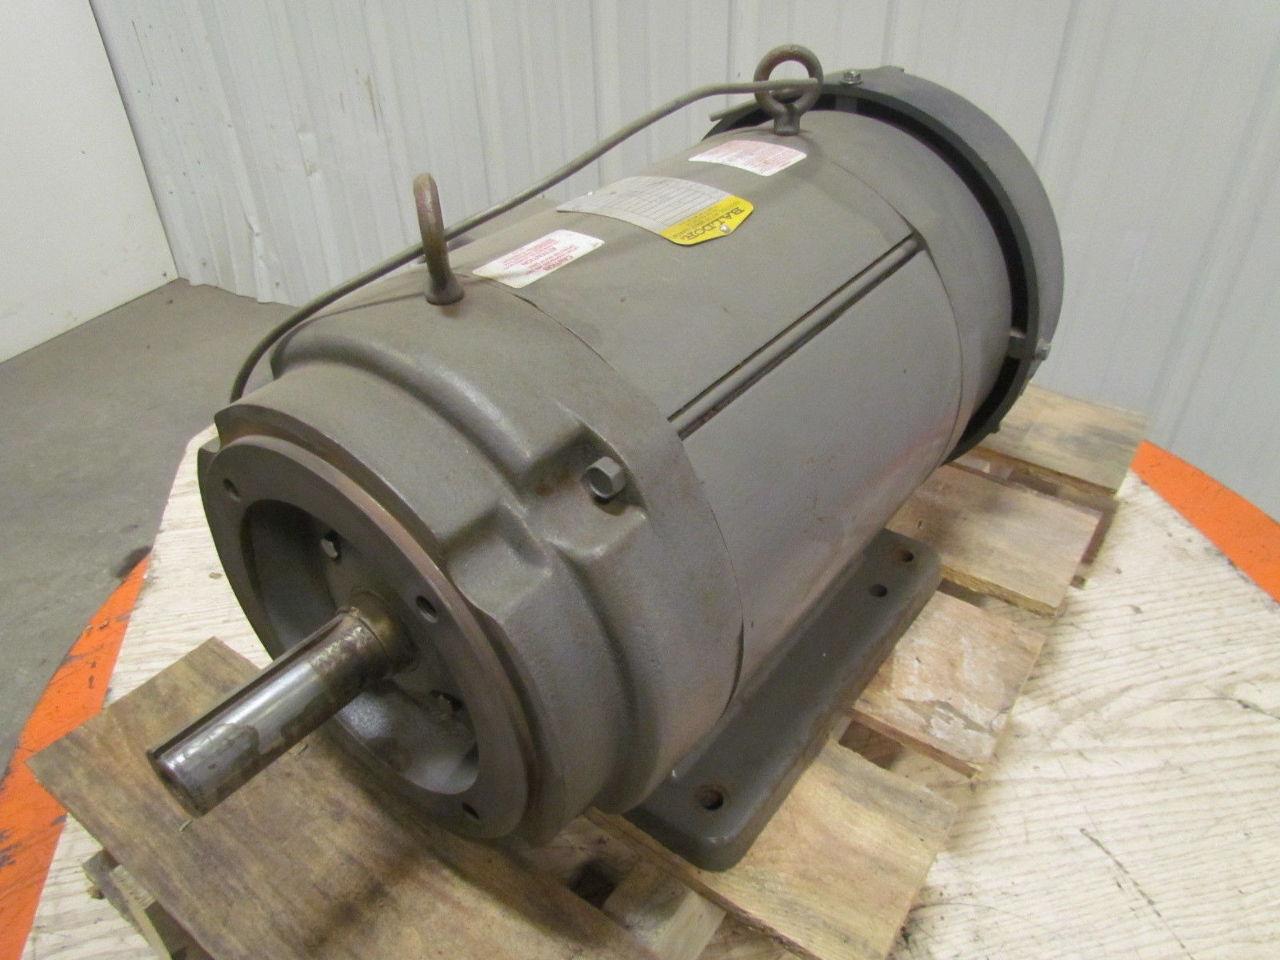 Baldor cd9105 5 hp 1750 rpm 180vdc tefc industrial direct for Motor baldor 20 hp